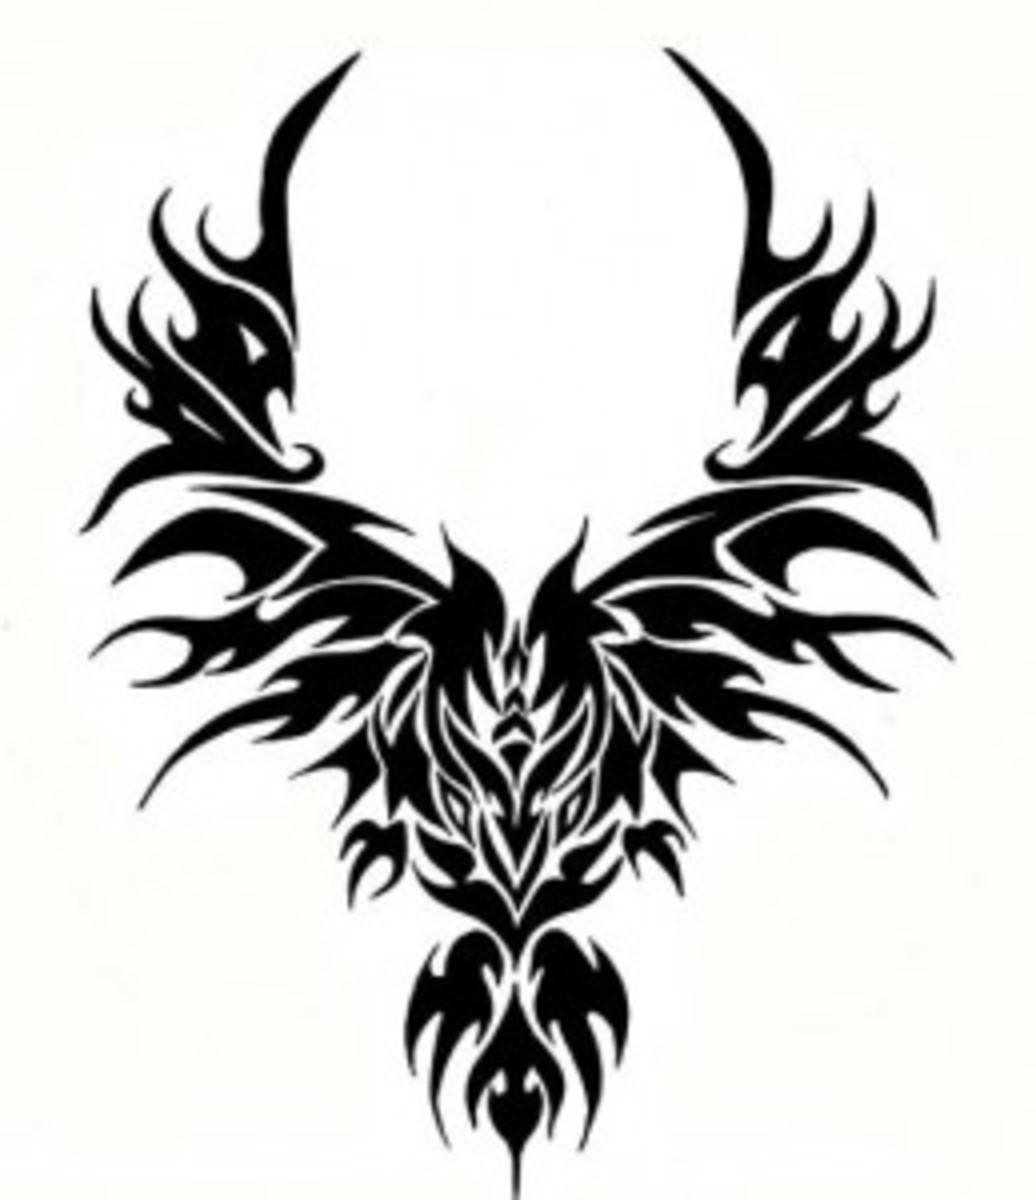 Fiery Phoenix - Tribal Tattoo